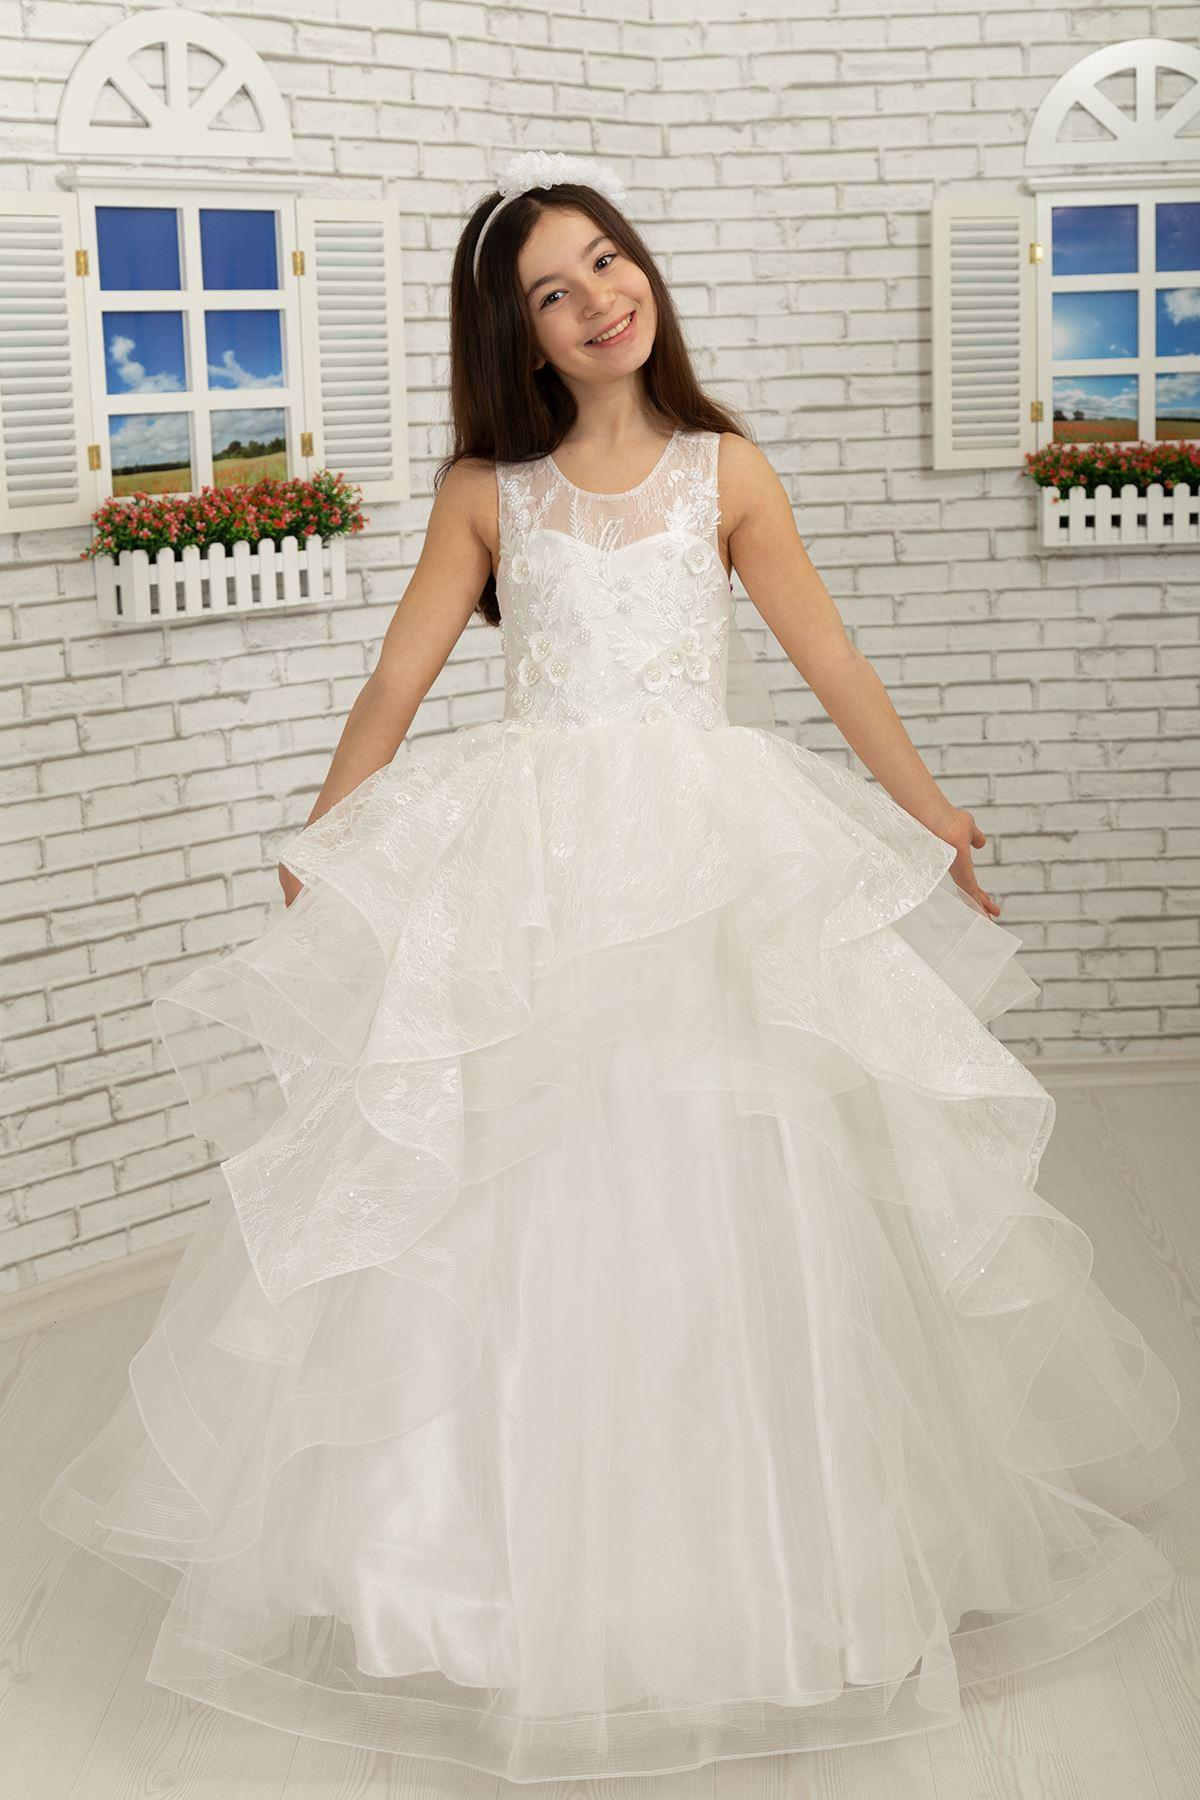 3D benutzerdefinierte silbrige Spitze Flauschige Mädchen Abendkleid 629 Creme